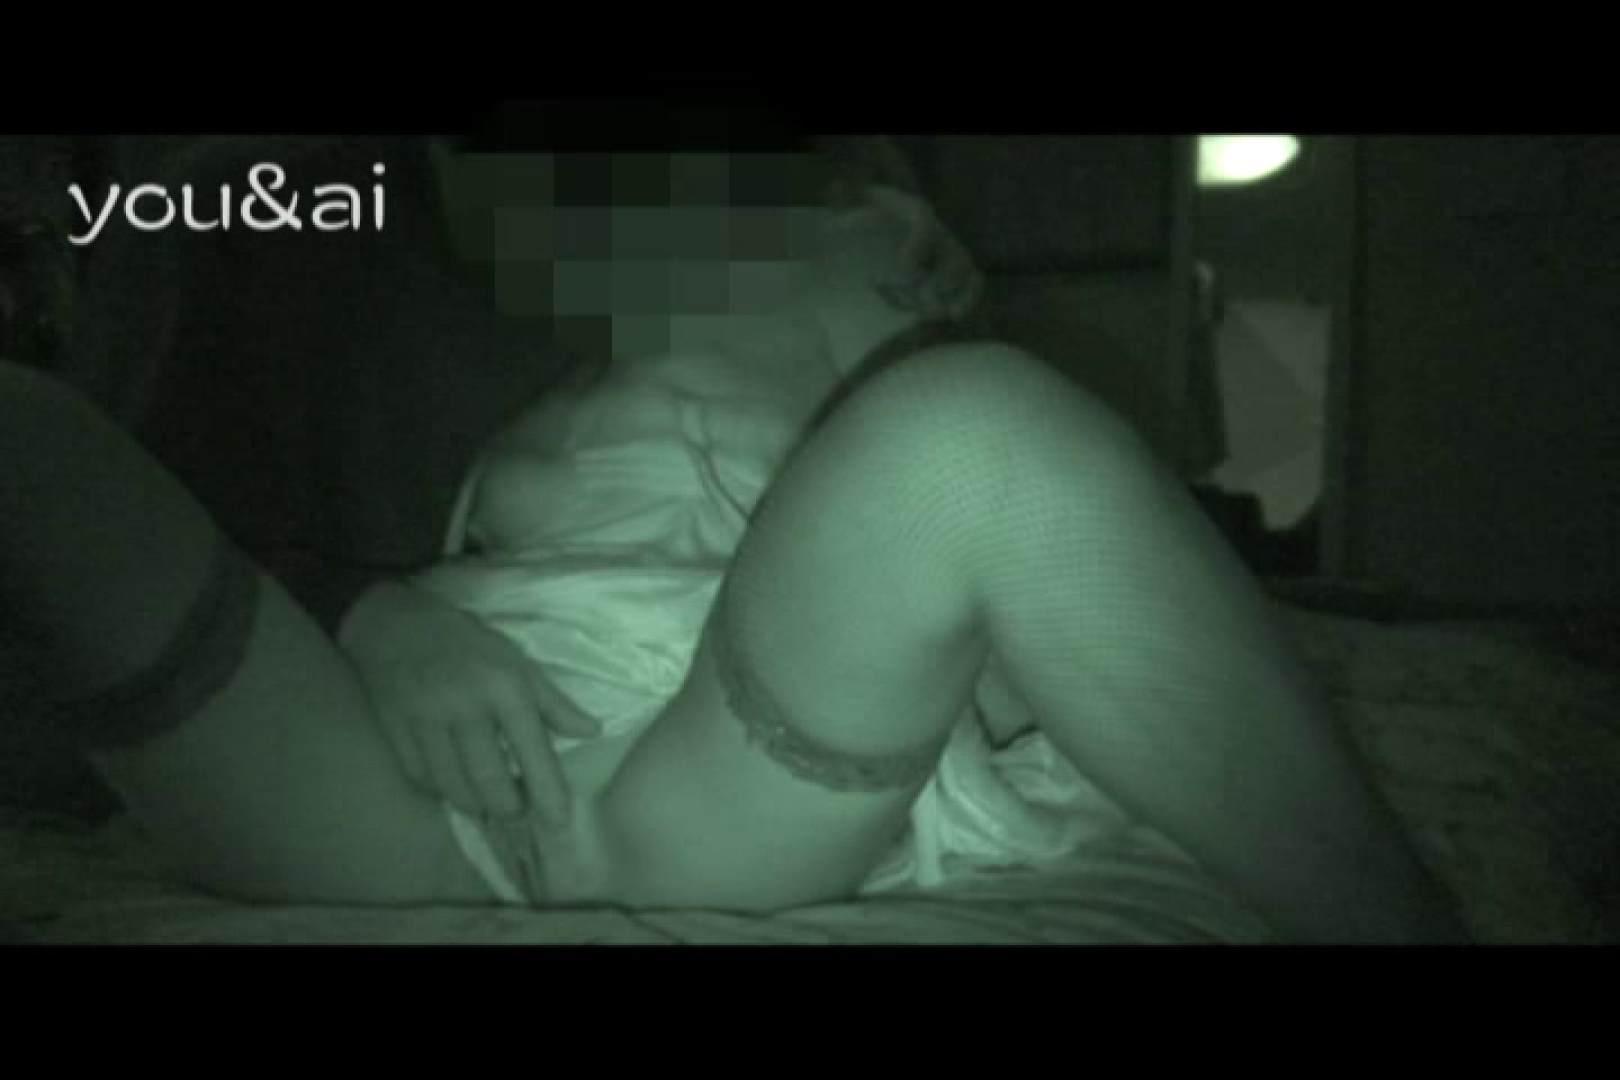 おしどり夫婦のyou&aiさん投稿作品vol.5 リアルSEX セックス無修正動画無料 68PIX 38